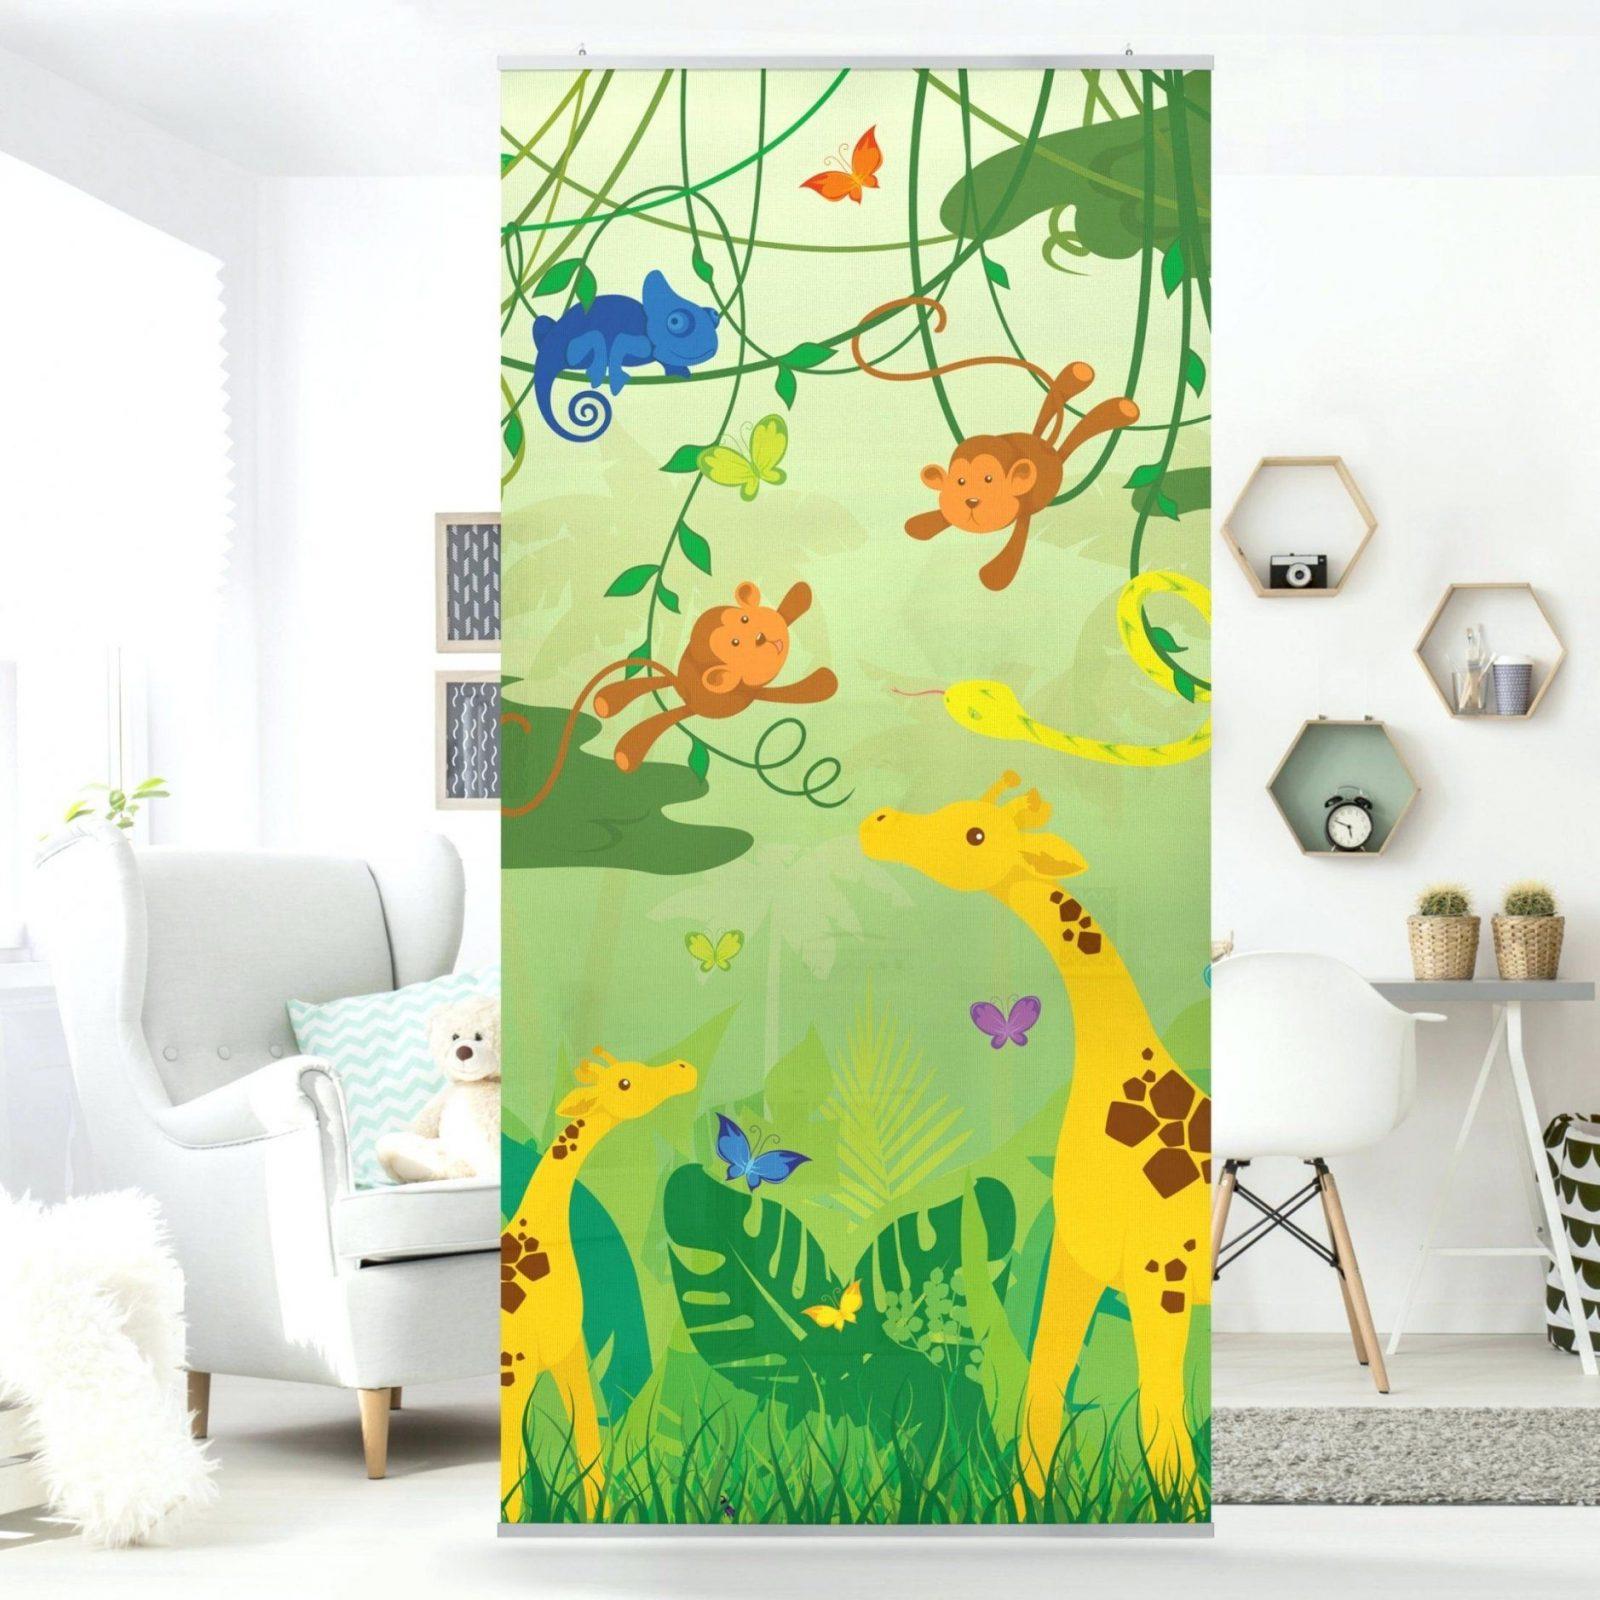 Bilder Fuer Kinderzimmer Auf Leinwand Selber Malen